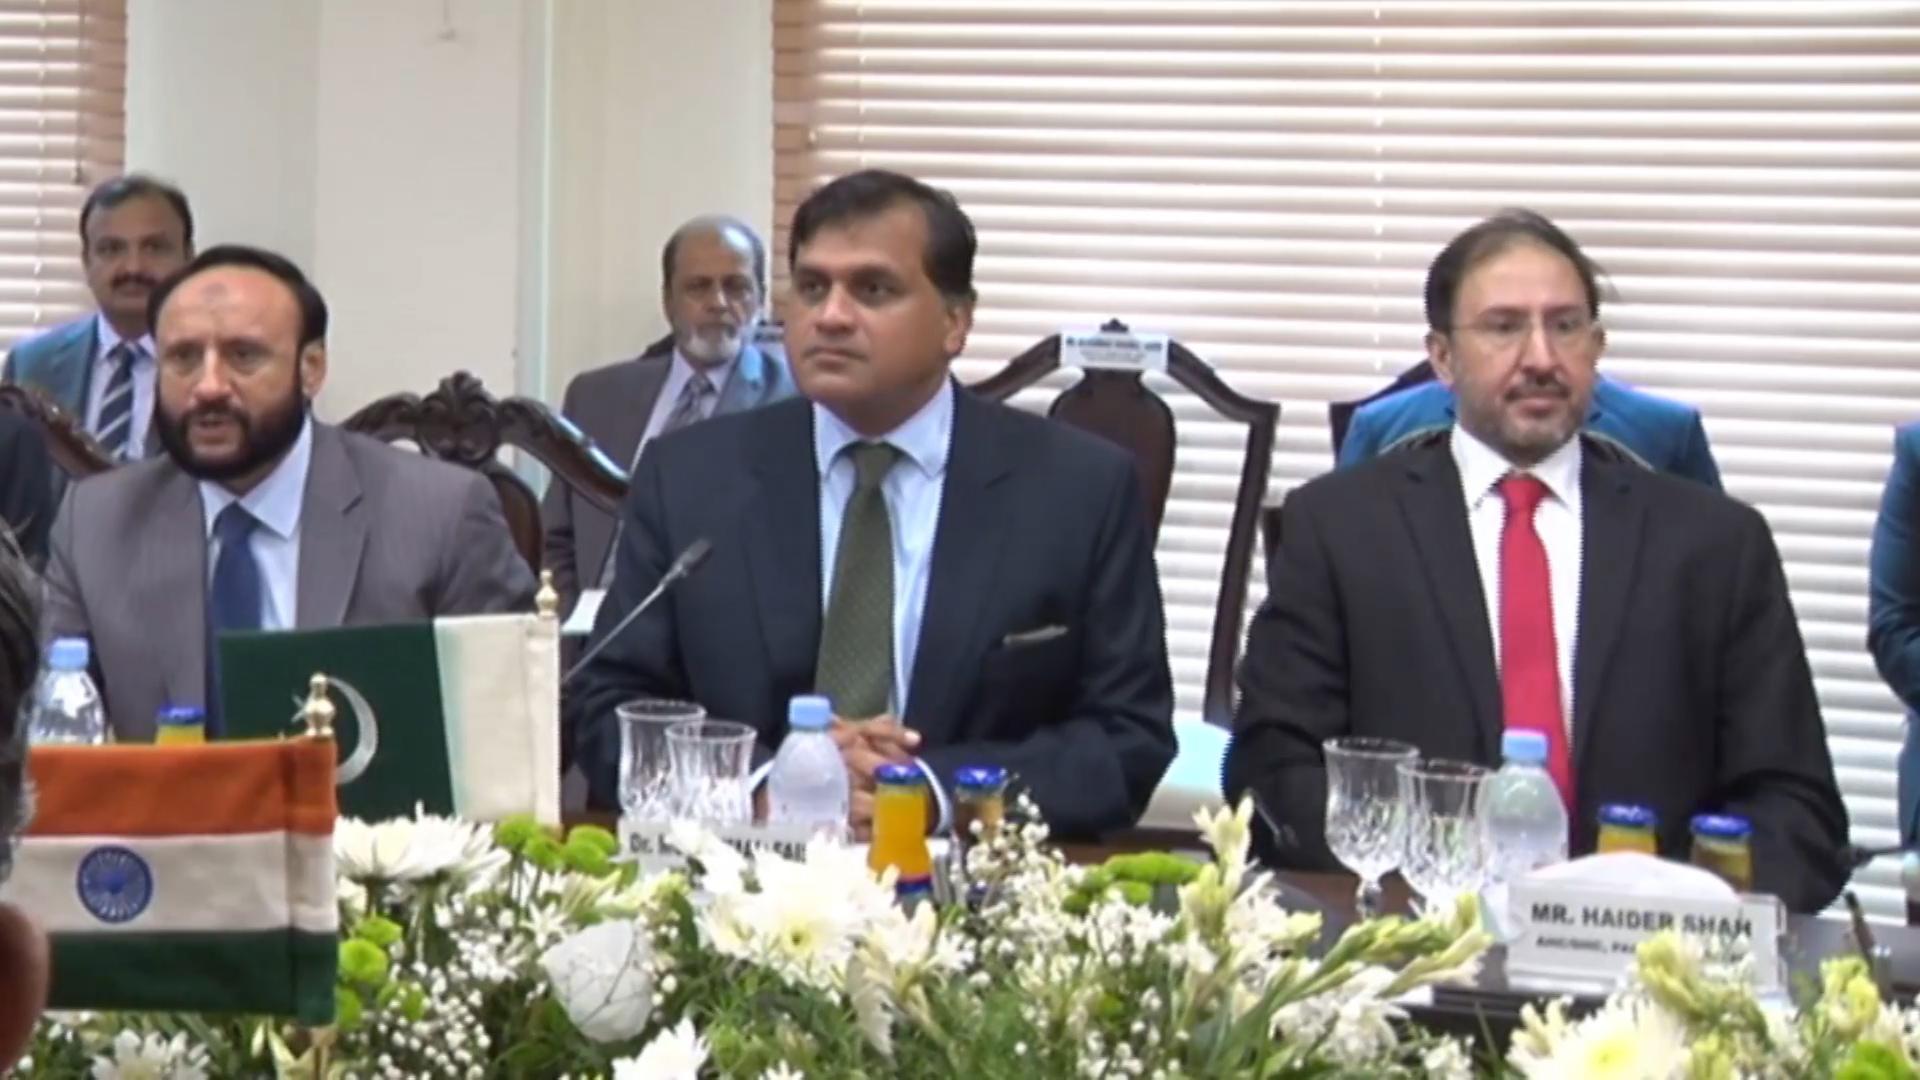 کرتارپور راہداری معاہدے پر اسی فیصد سے زائد اتفاق ہو گیا، ڈاکٹر محمد فیصل